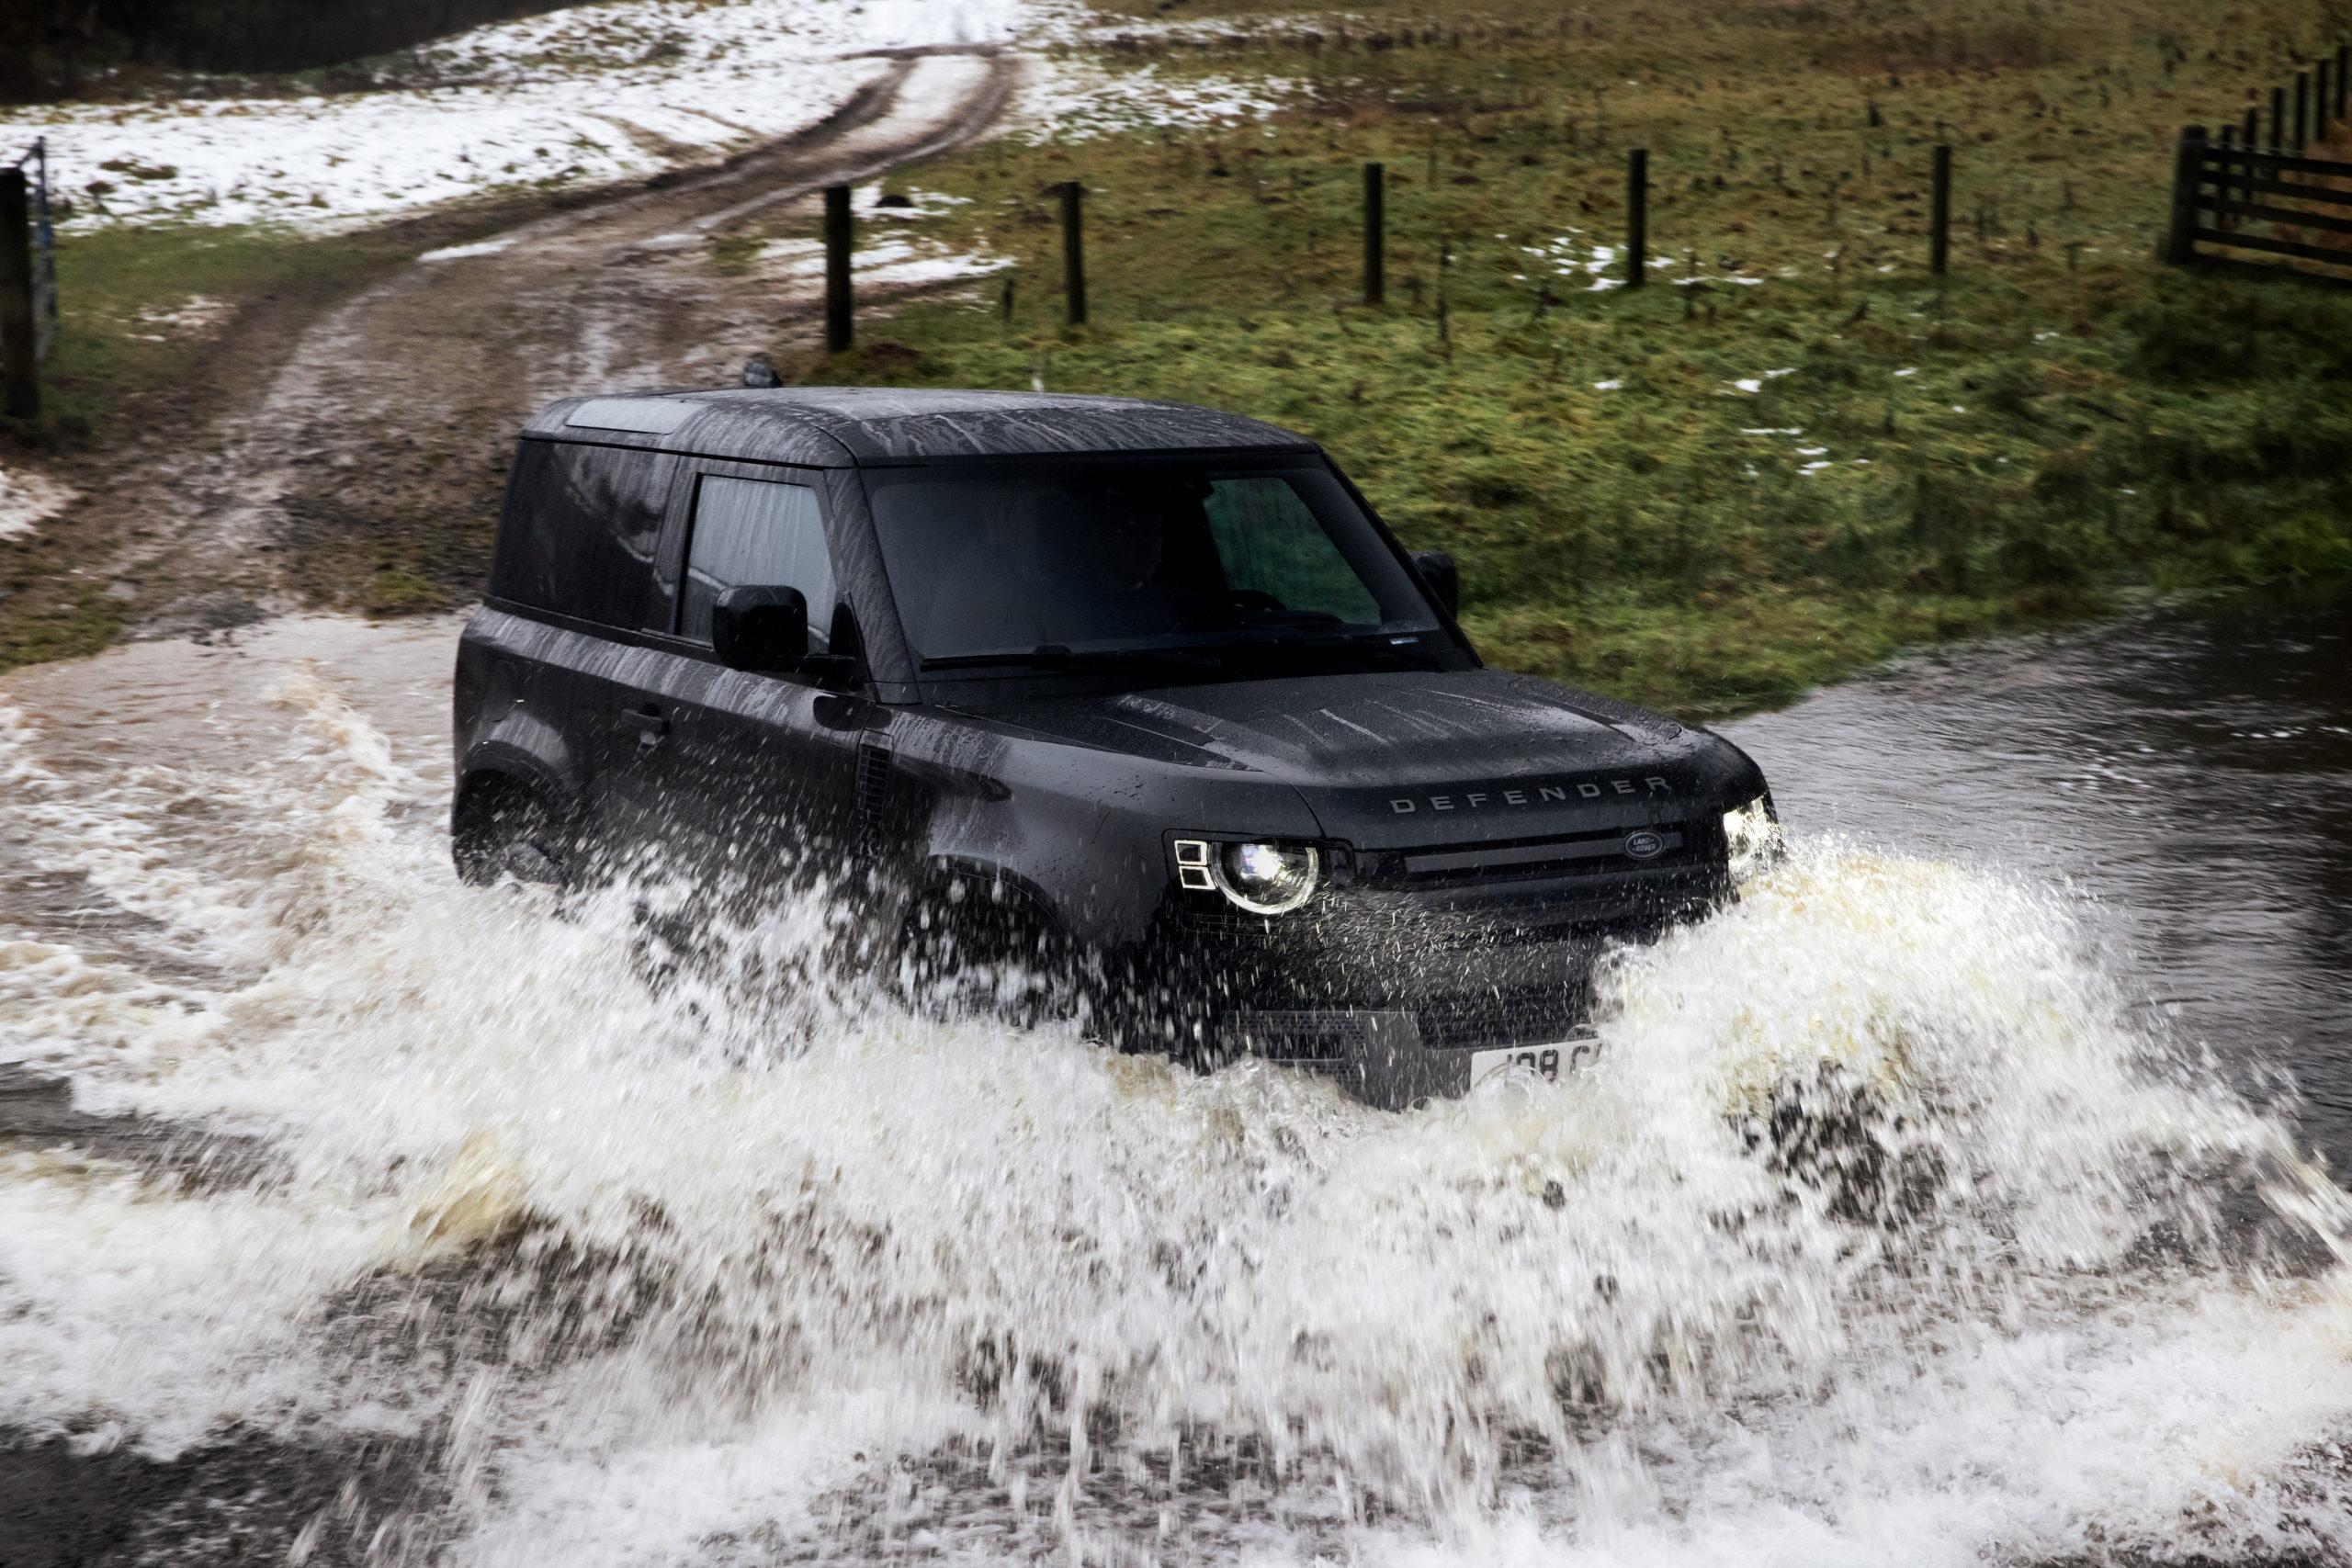 2022 Defender 90 V8 water crossing